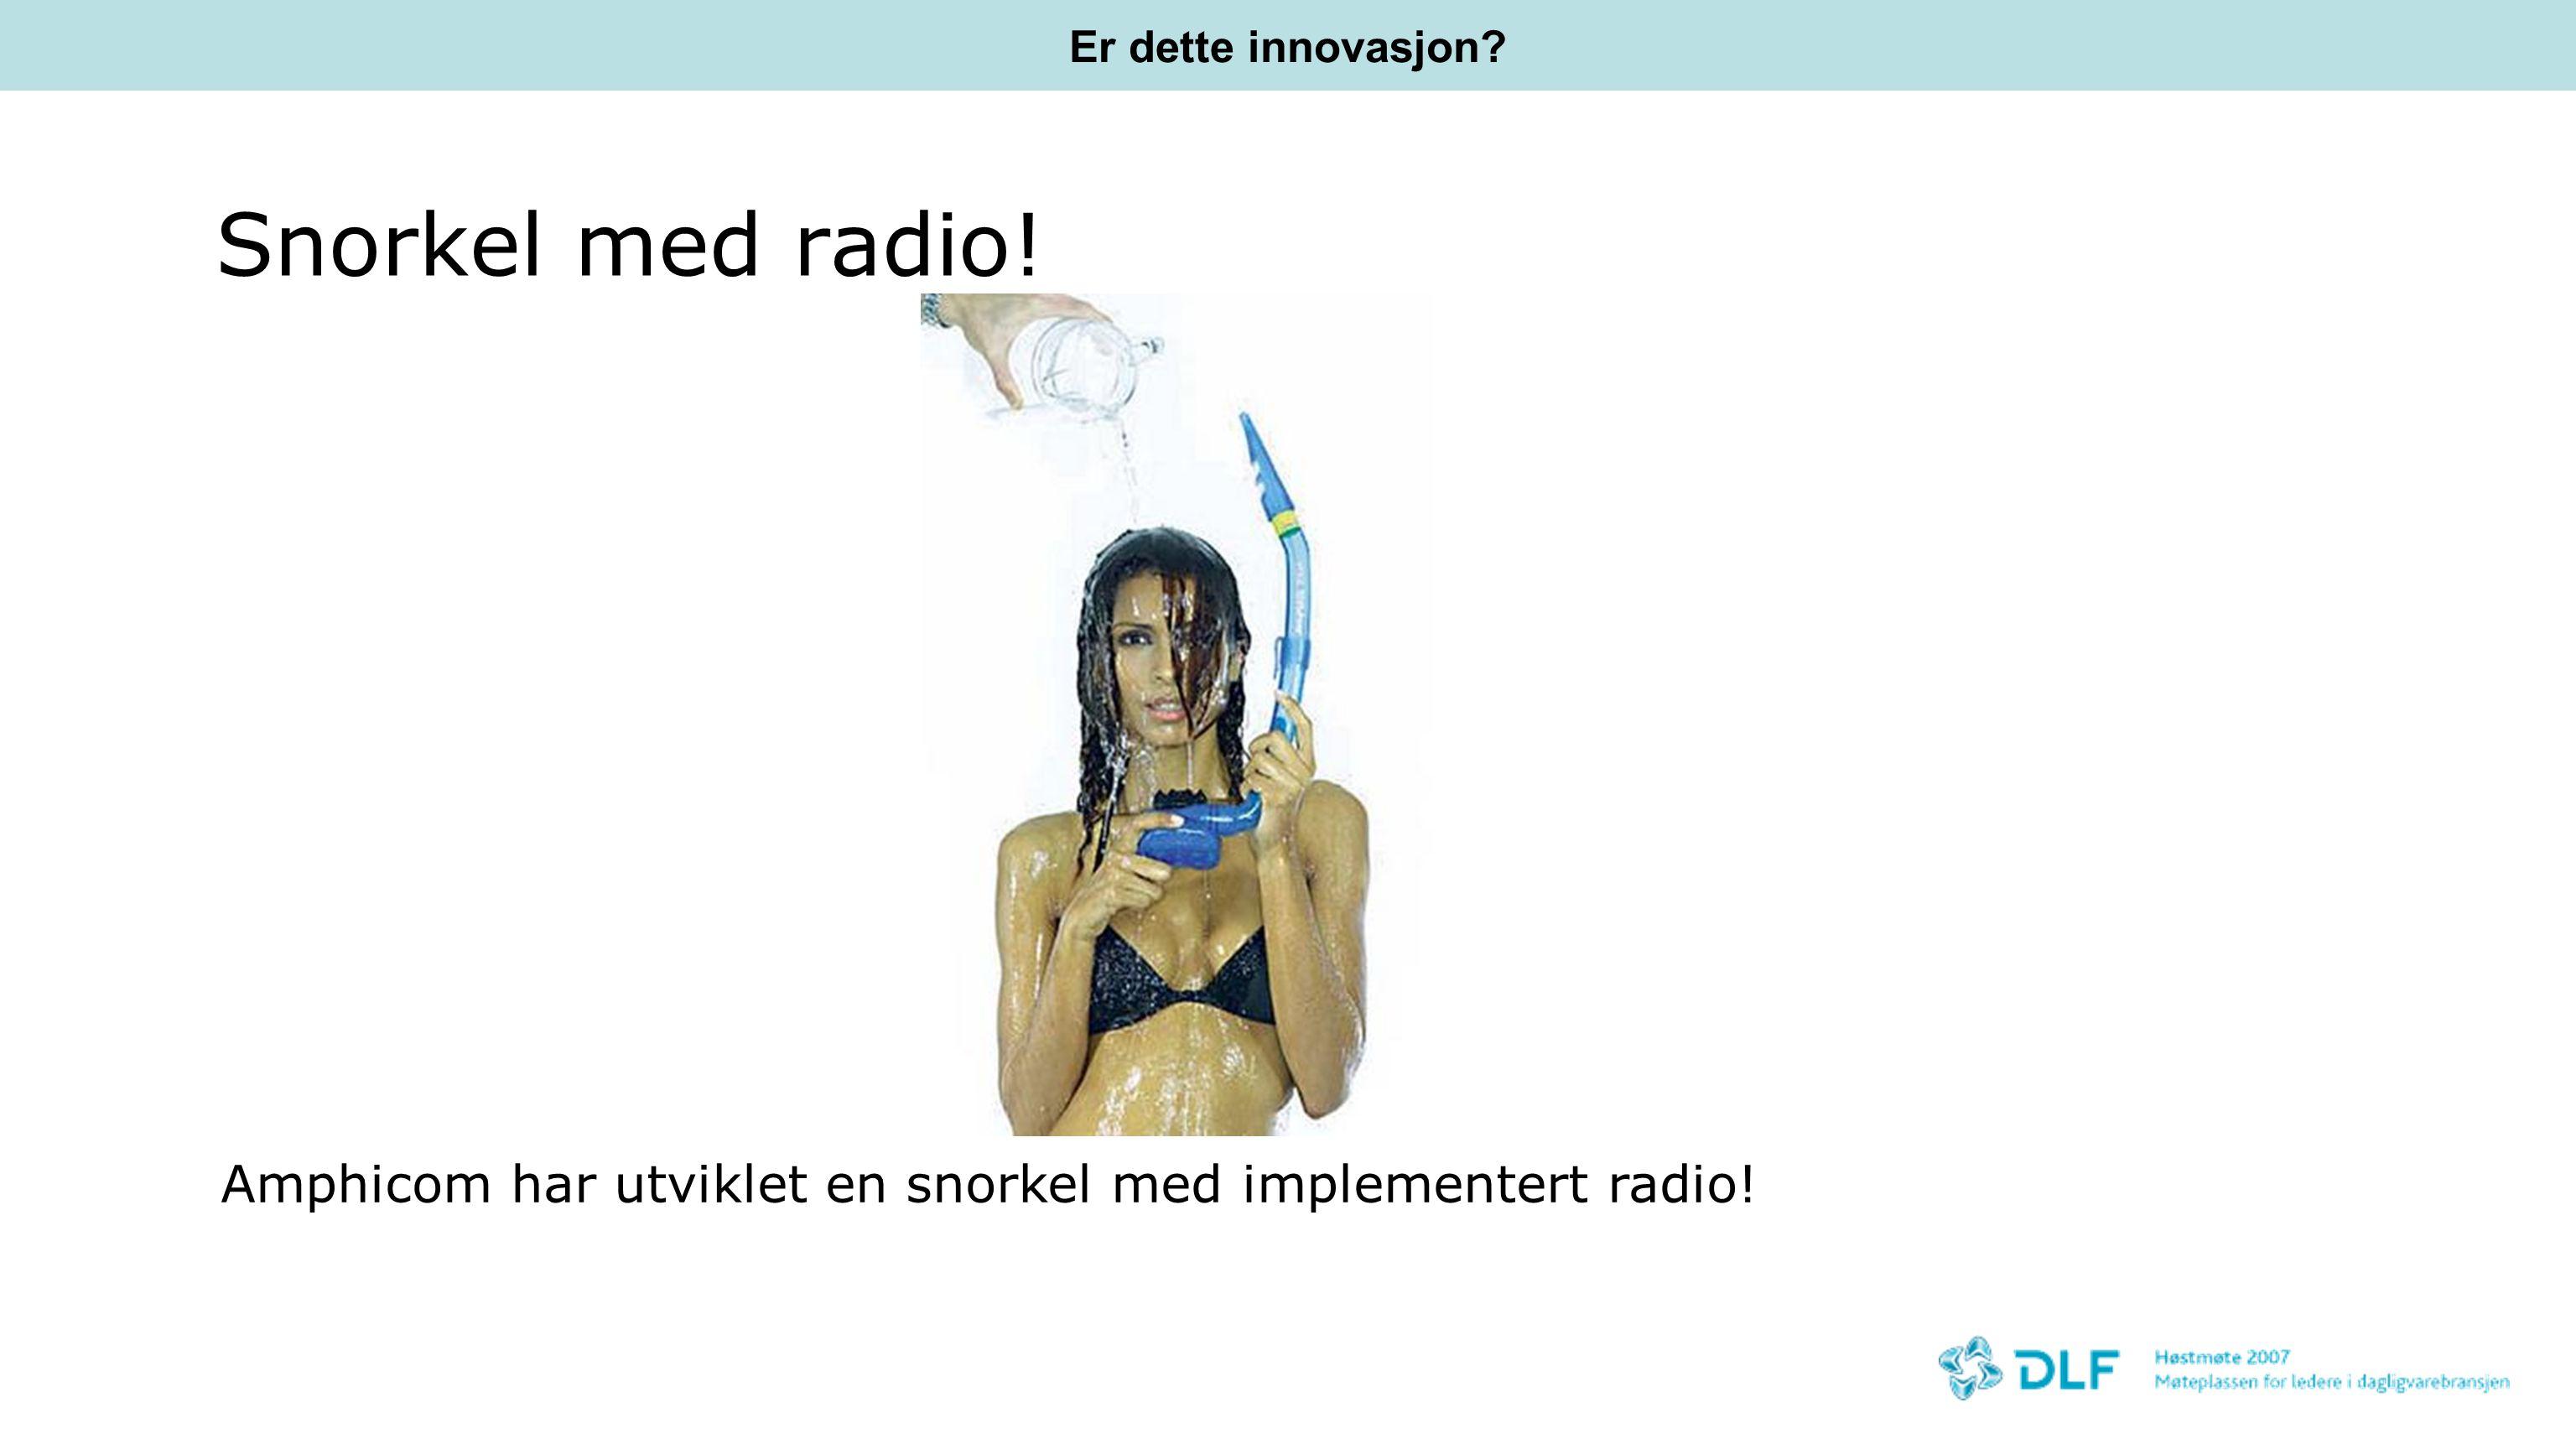 Snorkel med radio! Amphicom har utviklet en snorkel med implementert radio! Er dette innovasjon?